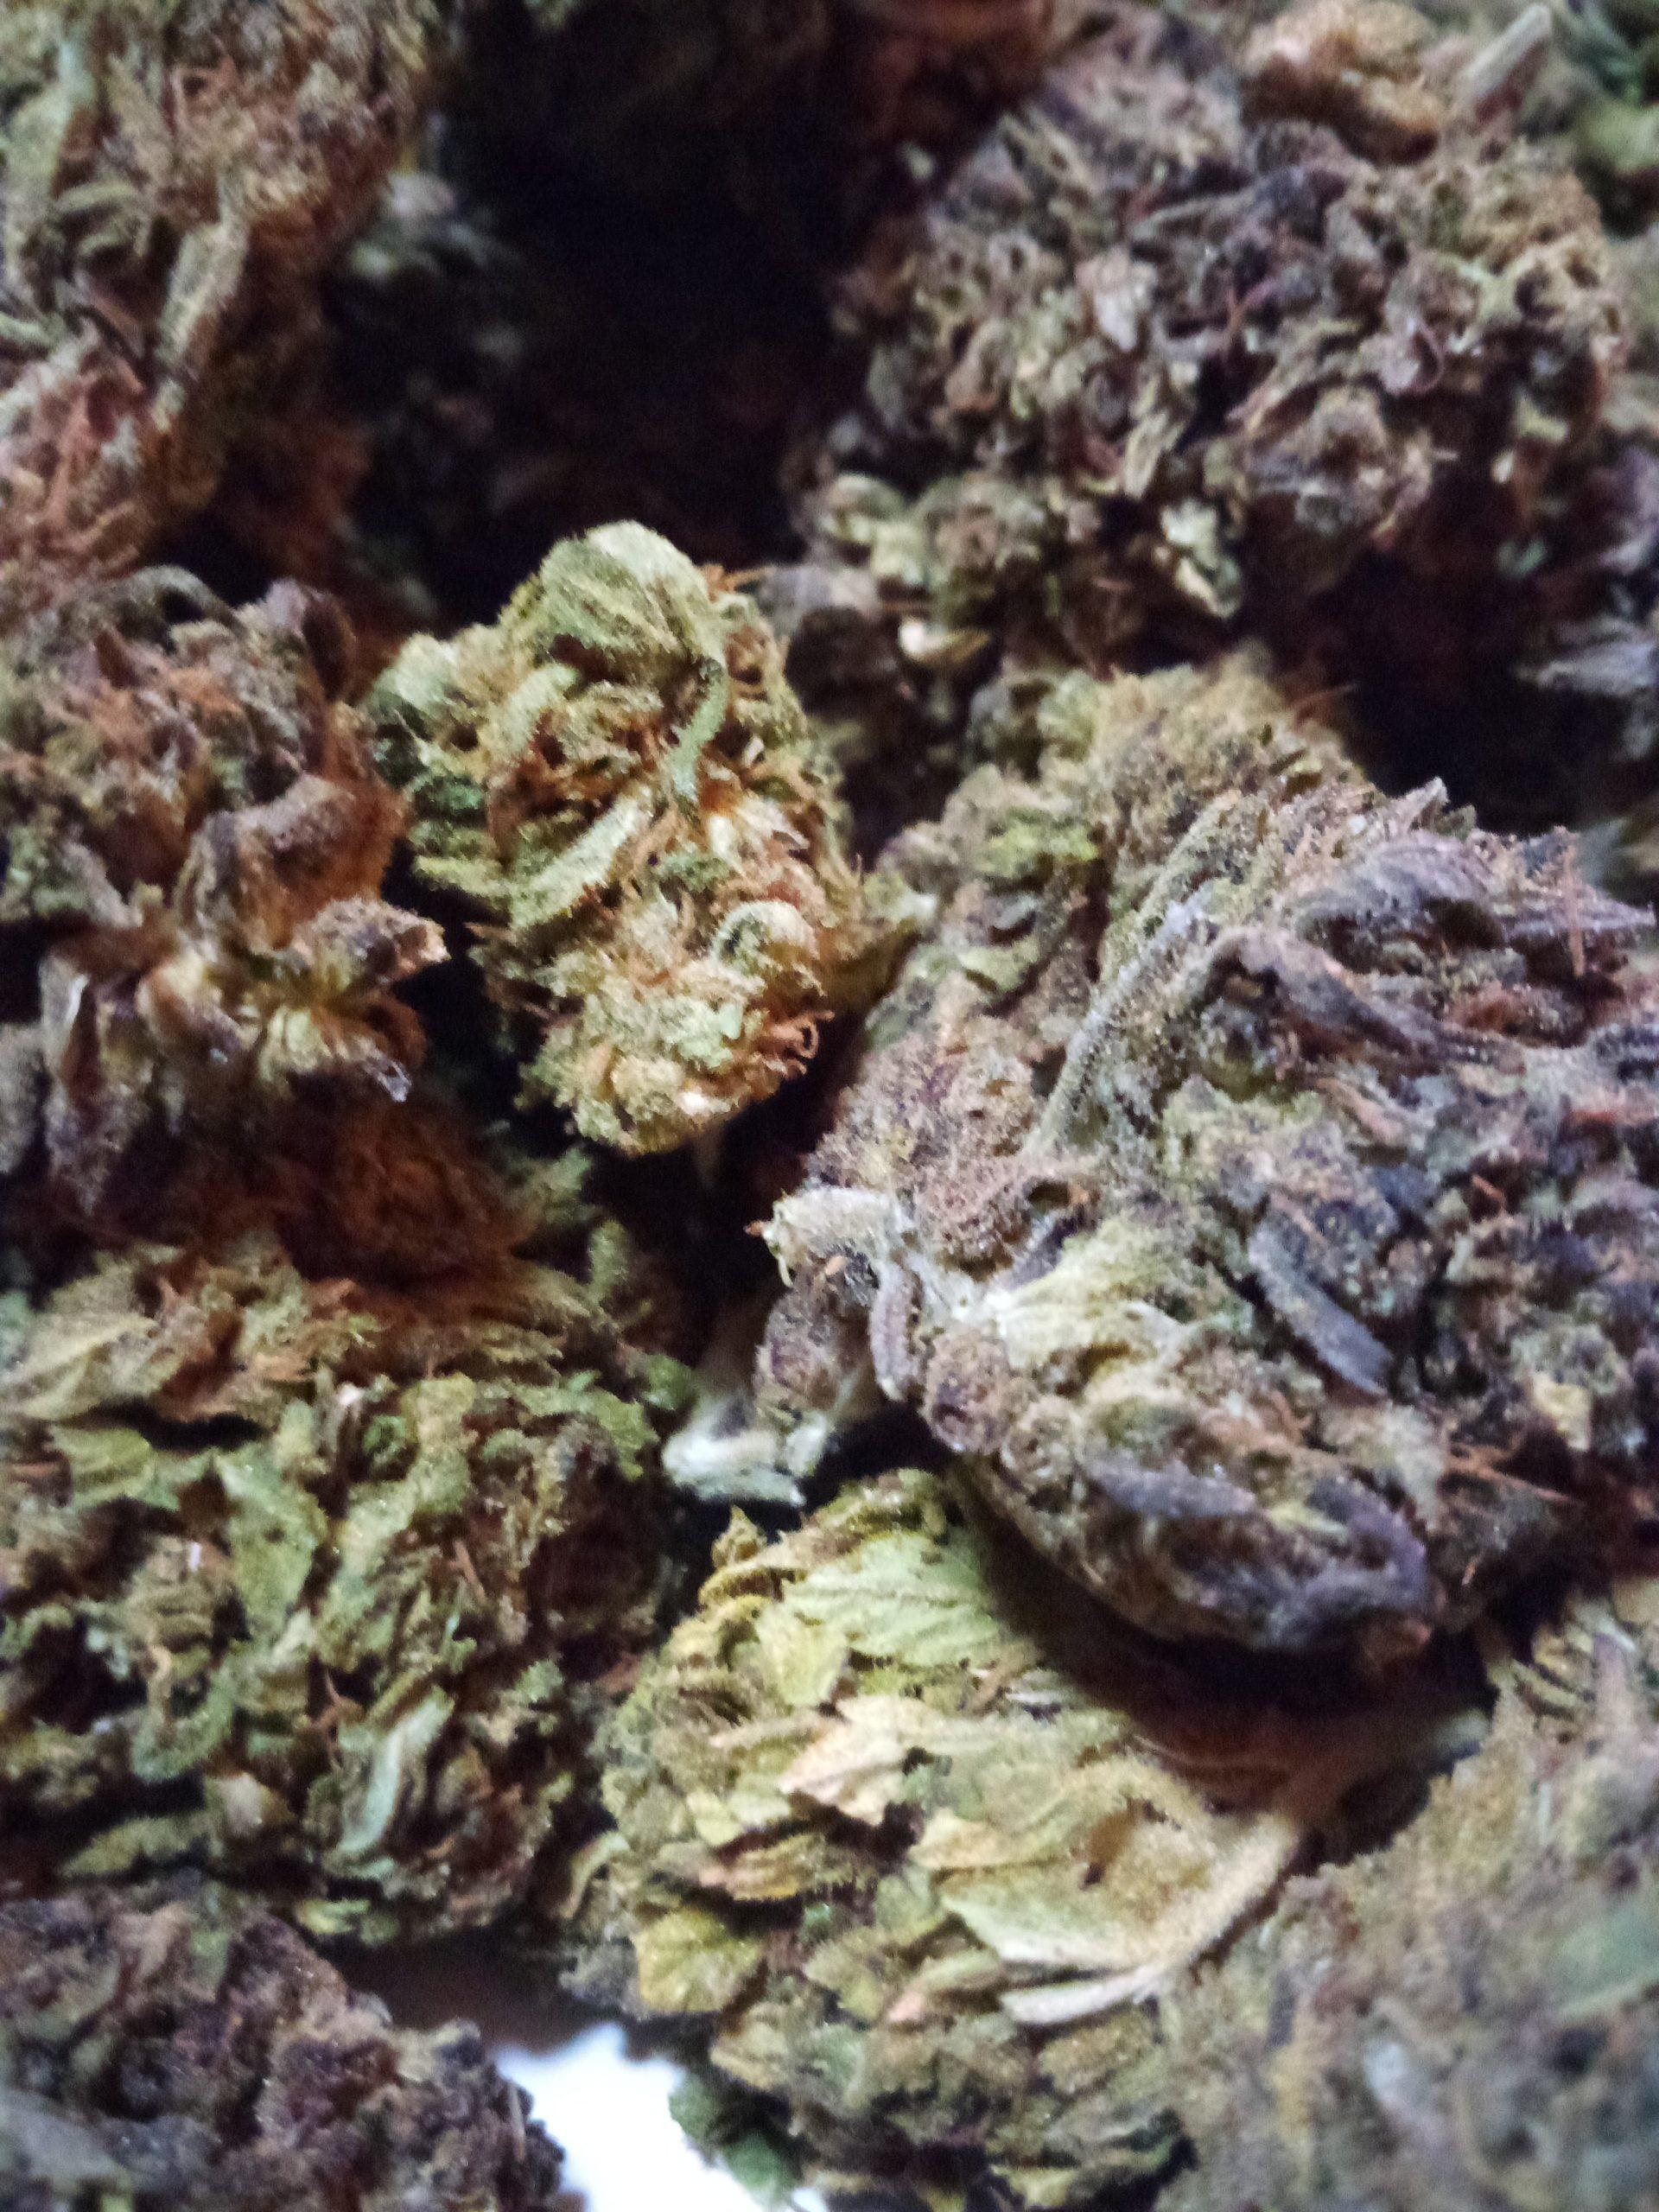 Kudetah Emerald Enlightenment CBD Flower 19%